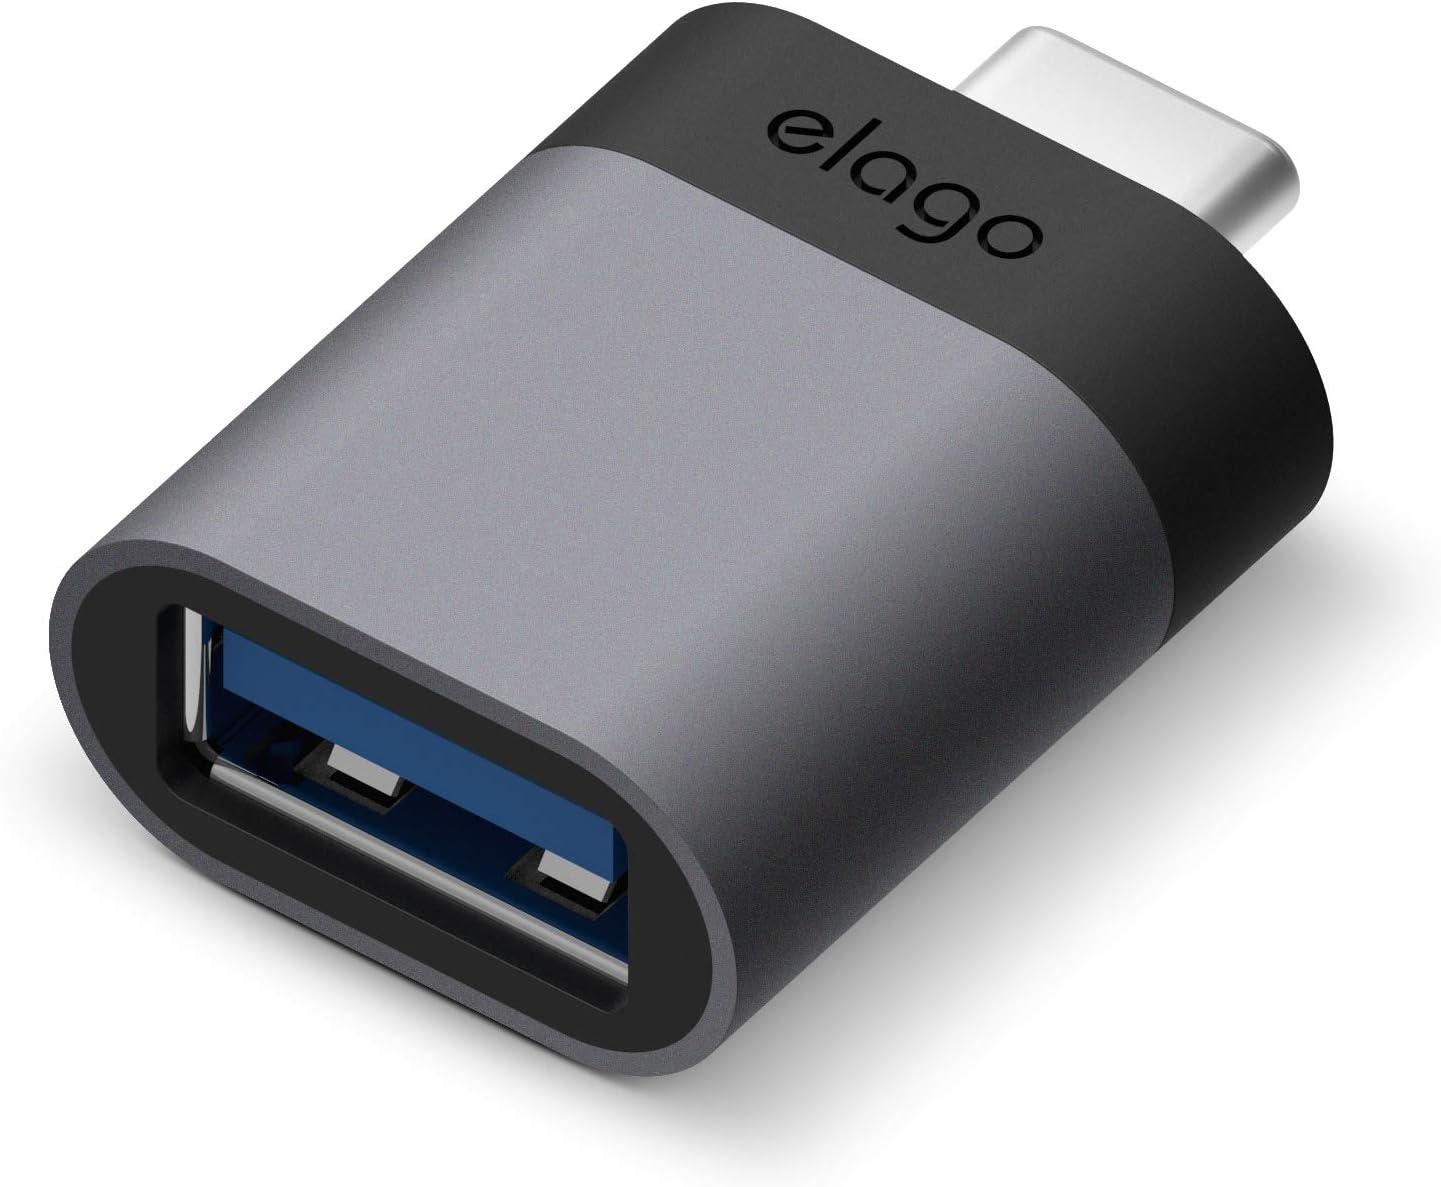 elago Mini Adaptador de Aluminio USB-C a USB 3.0 Hembra Compatible con MacBook Pro 2018/2017, MacBook Air 2018 y Otros Dispositivos con USB C [Exacto Coincidencia de Color con MacBook] - Gris Espacial